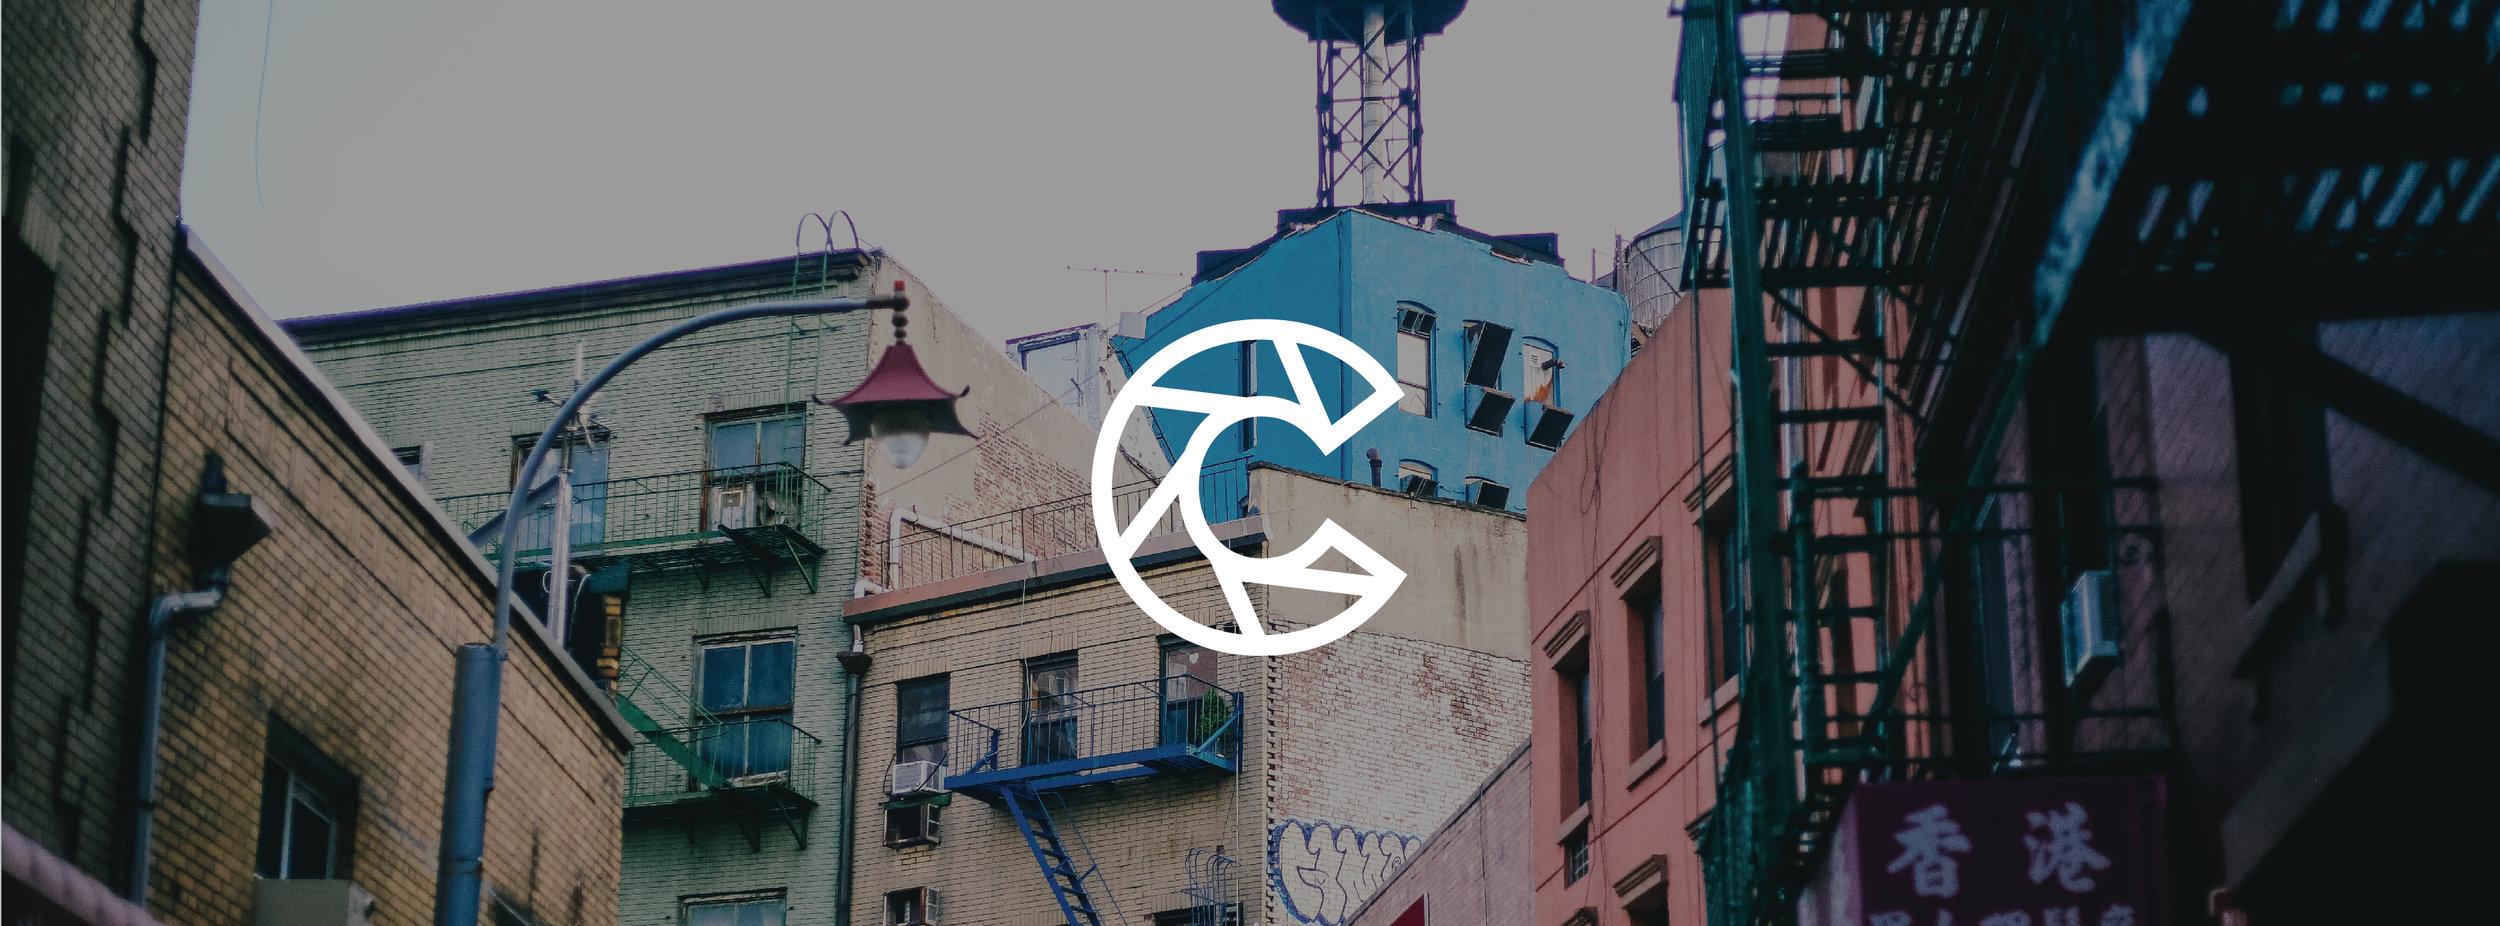 WebsitePage-CoverPhoto-01.jpg